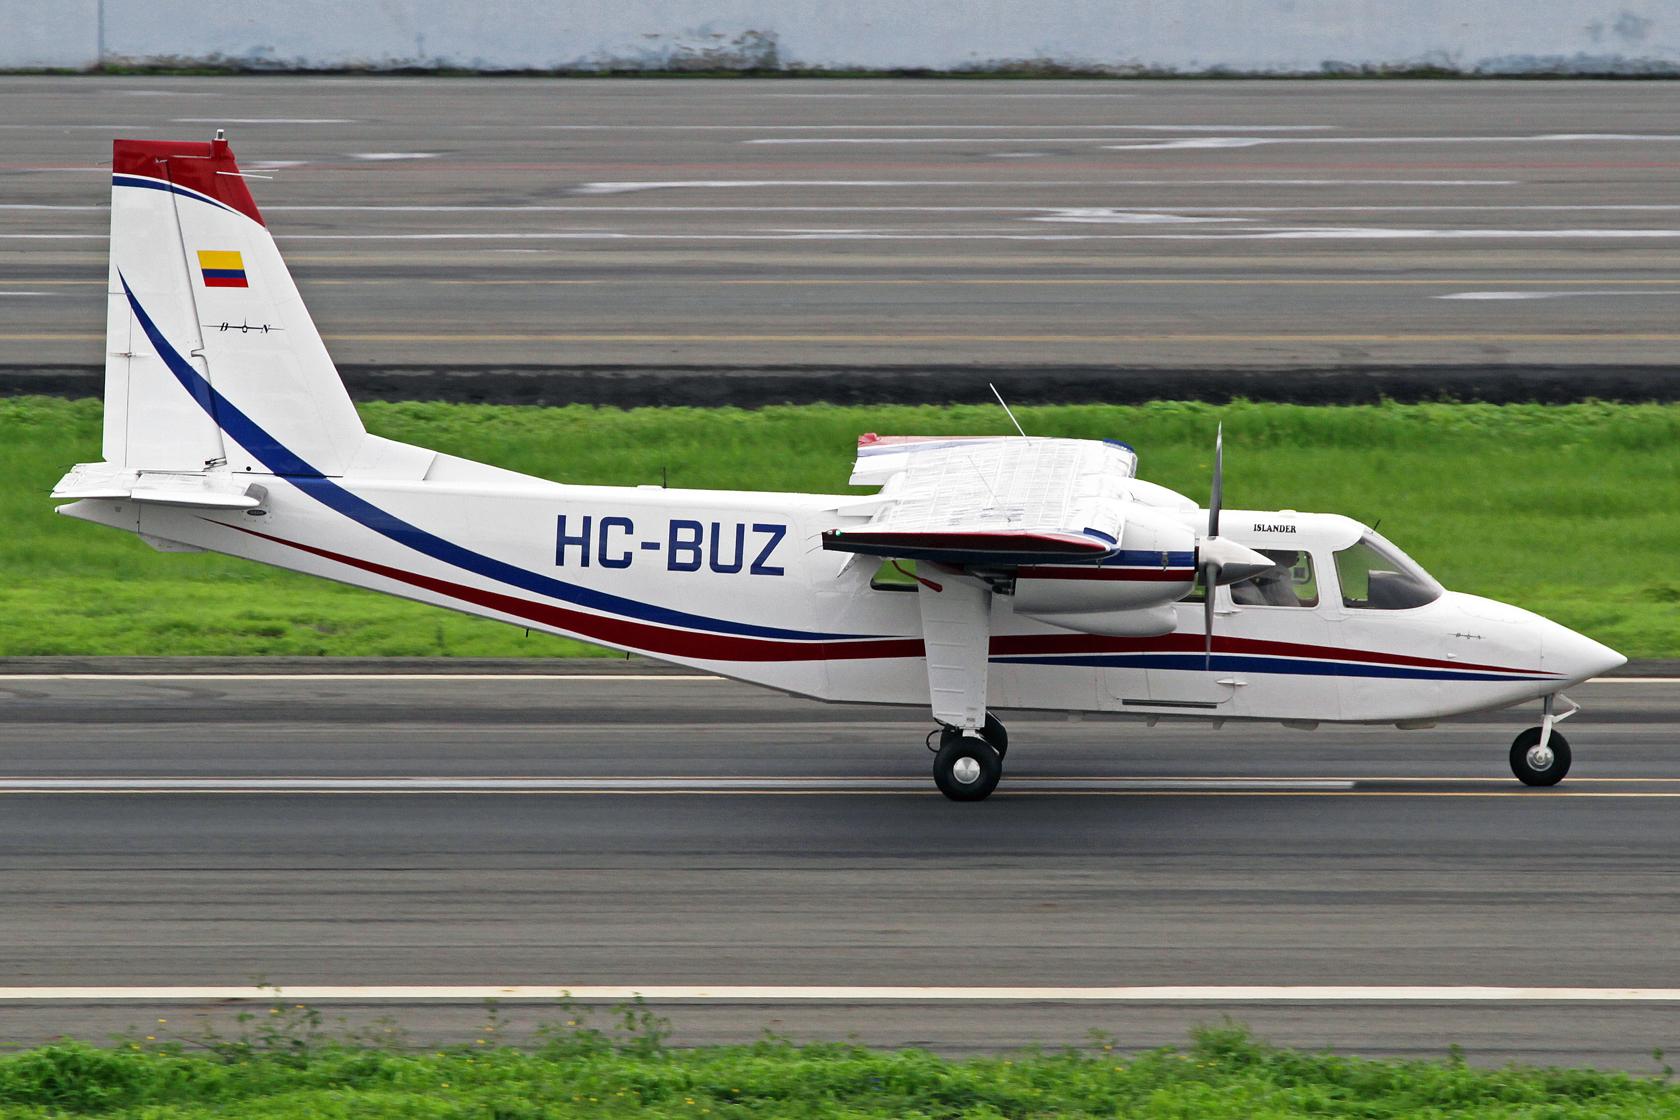 Industrias y Cultivos El Camaron S.A. Britten-Norman BN-2B-26 Islander HC-BUZ